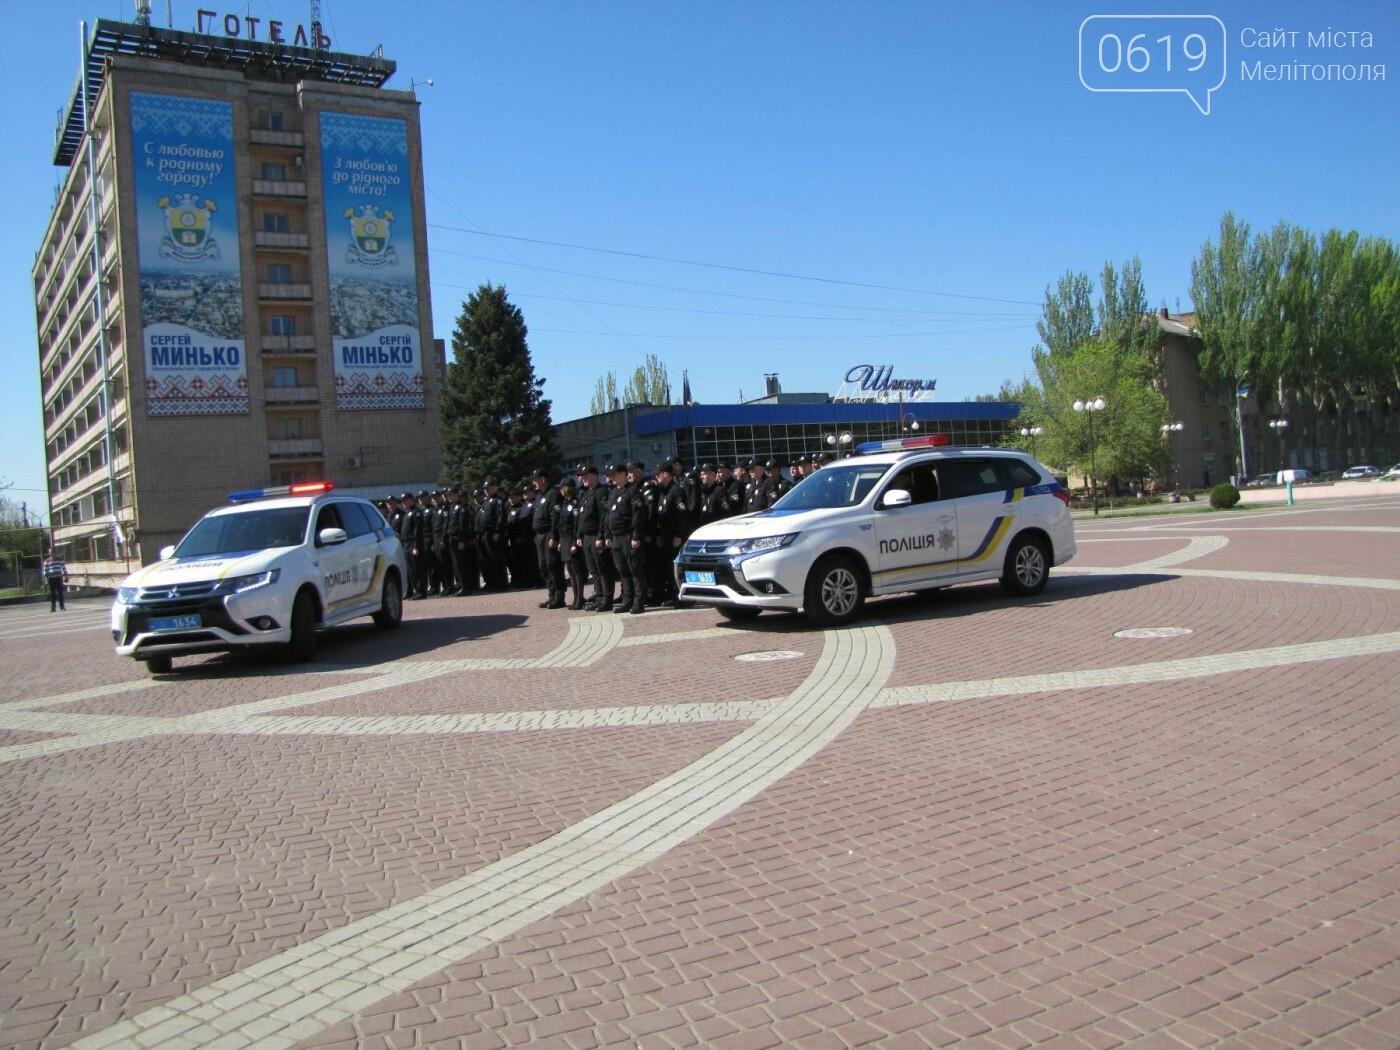 Мелитопольской полиции торжественно вручили новые служебные автомобили, фото-11